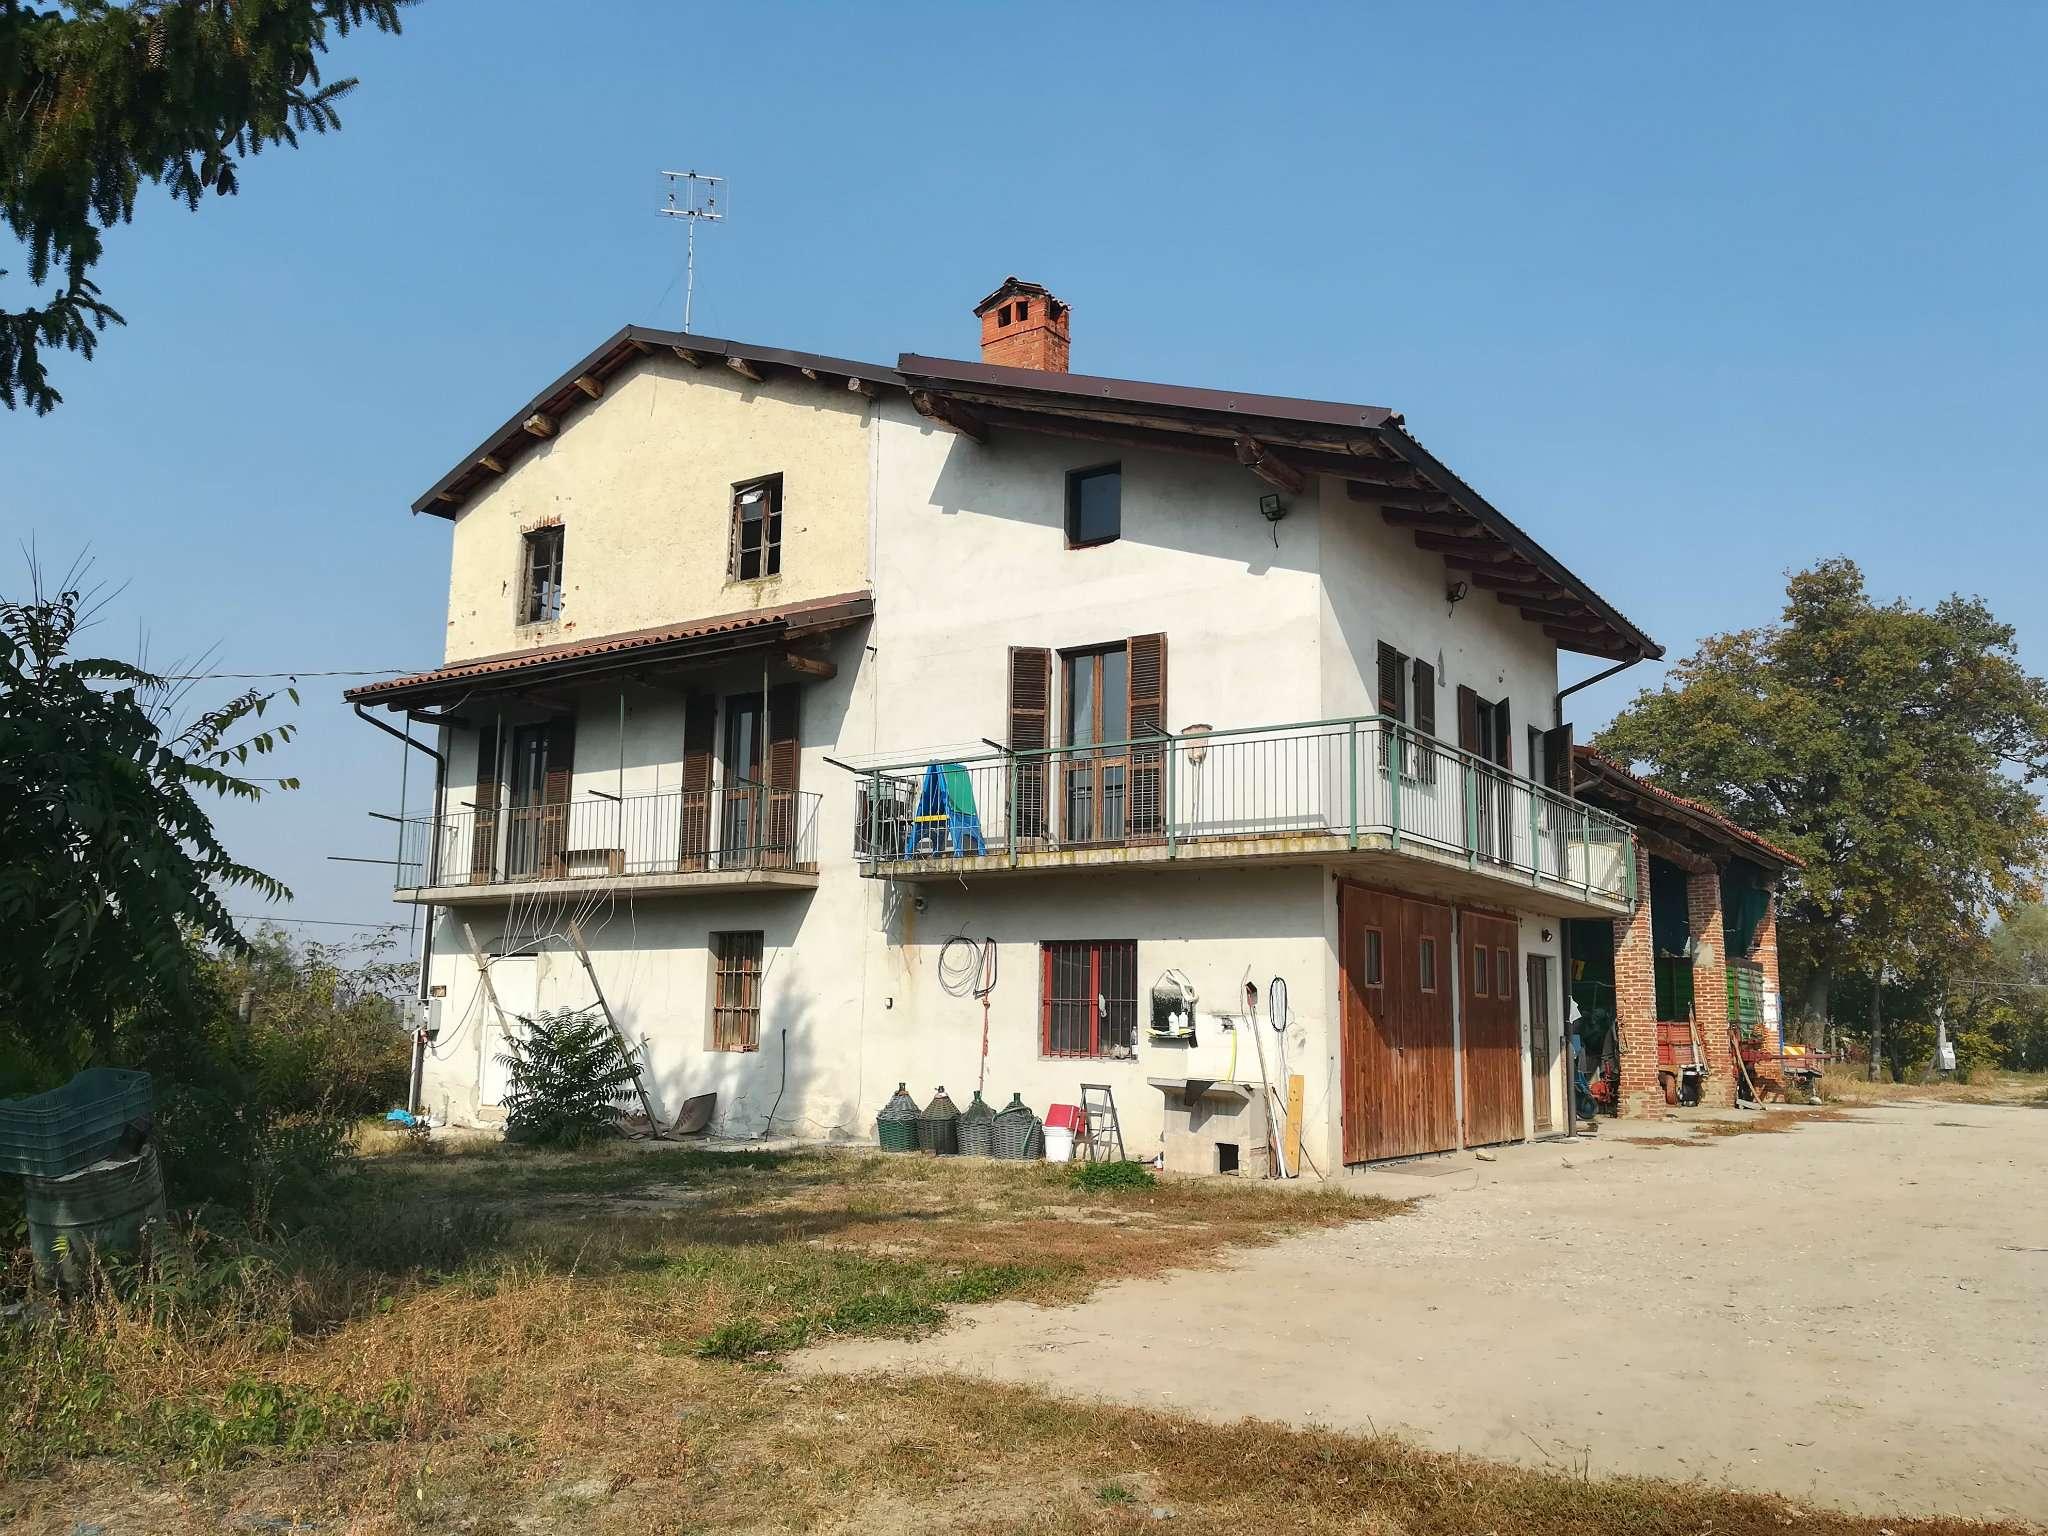 Soluzione Indipendente in vendita a Mondovì, 4 locali, prezzo € 140.000 | CambioCasa.it